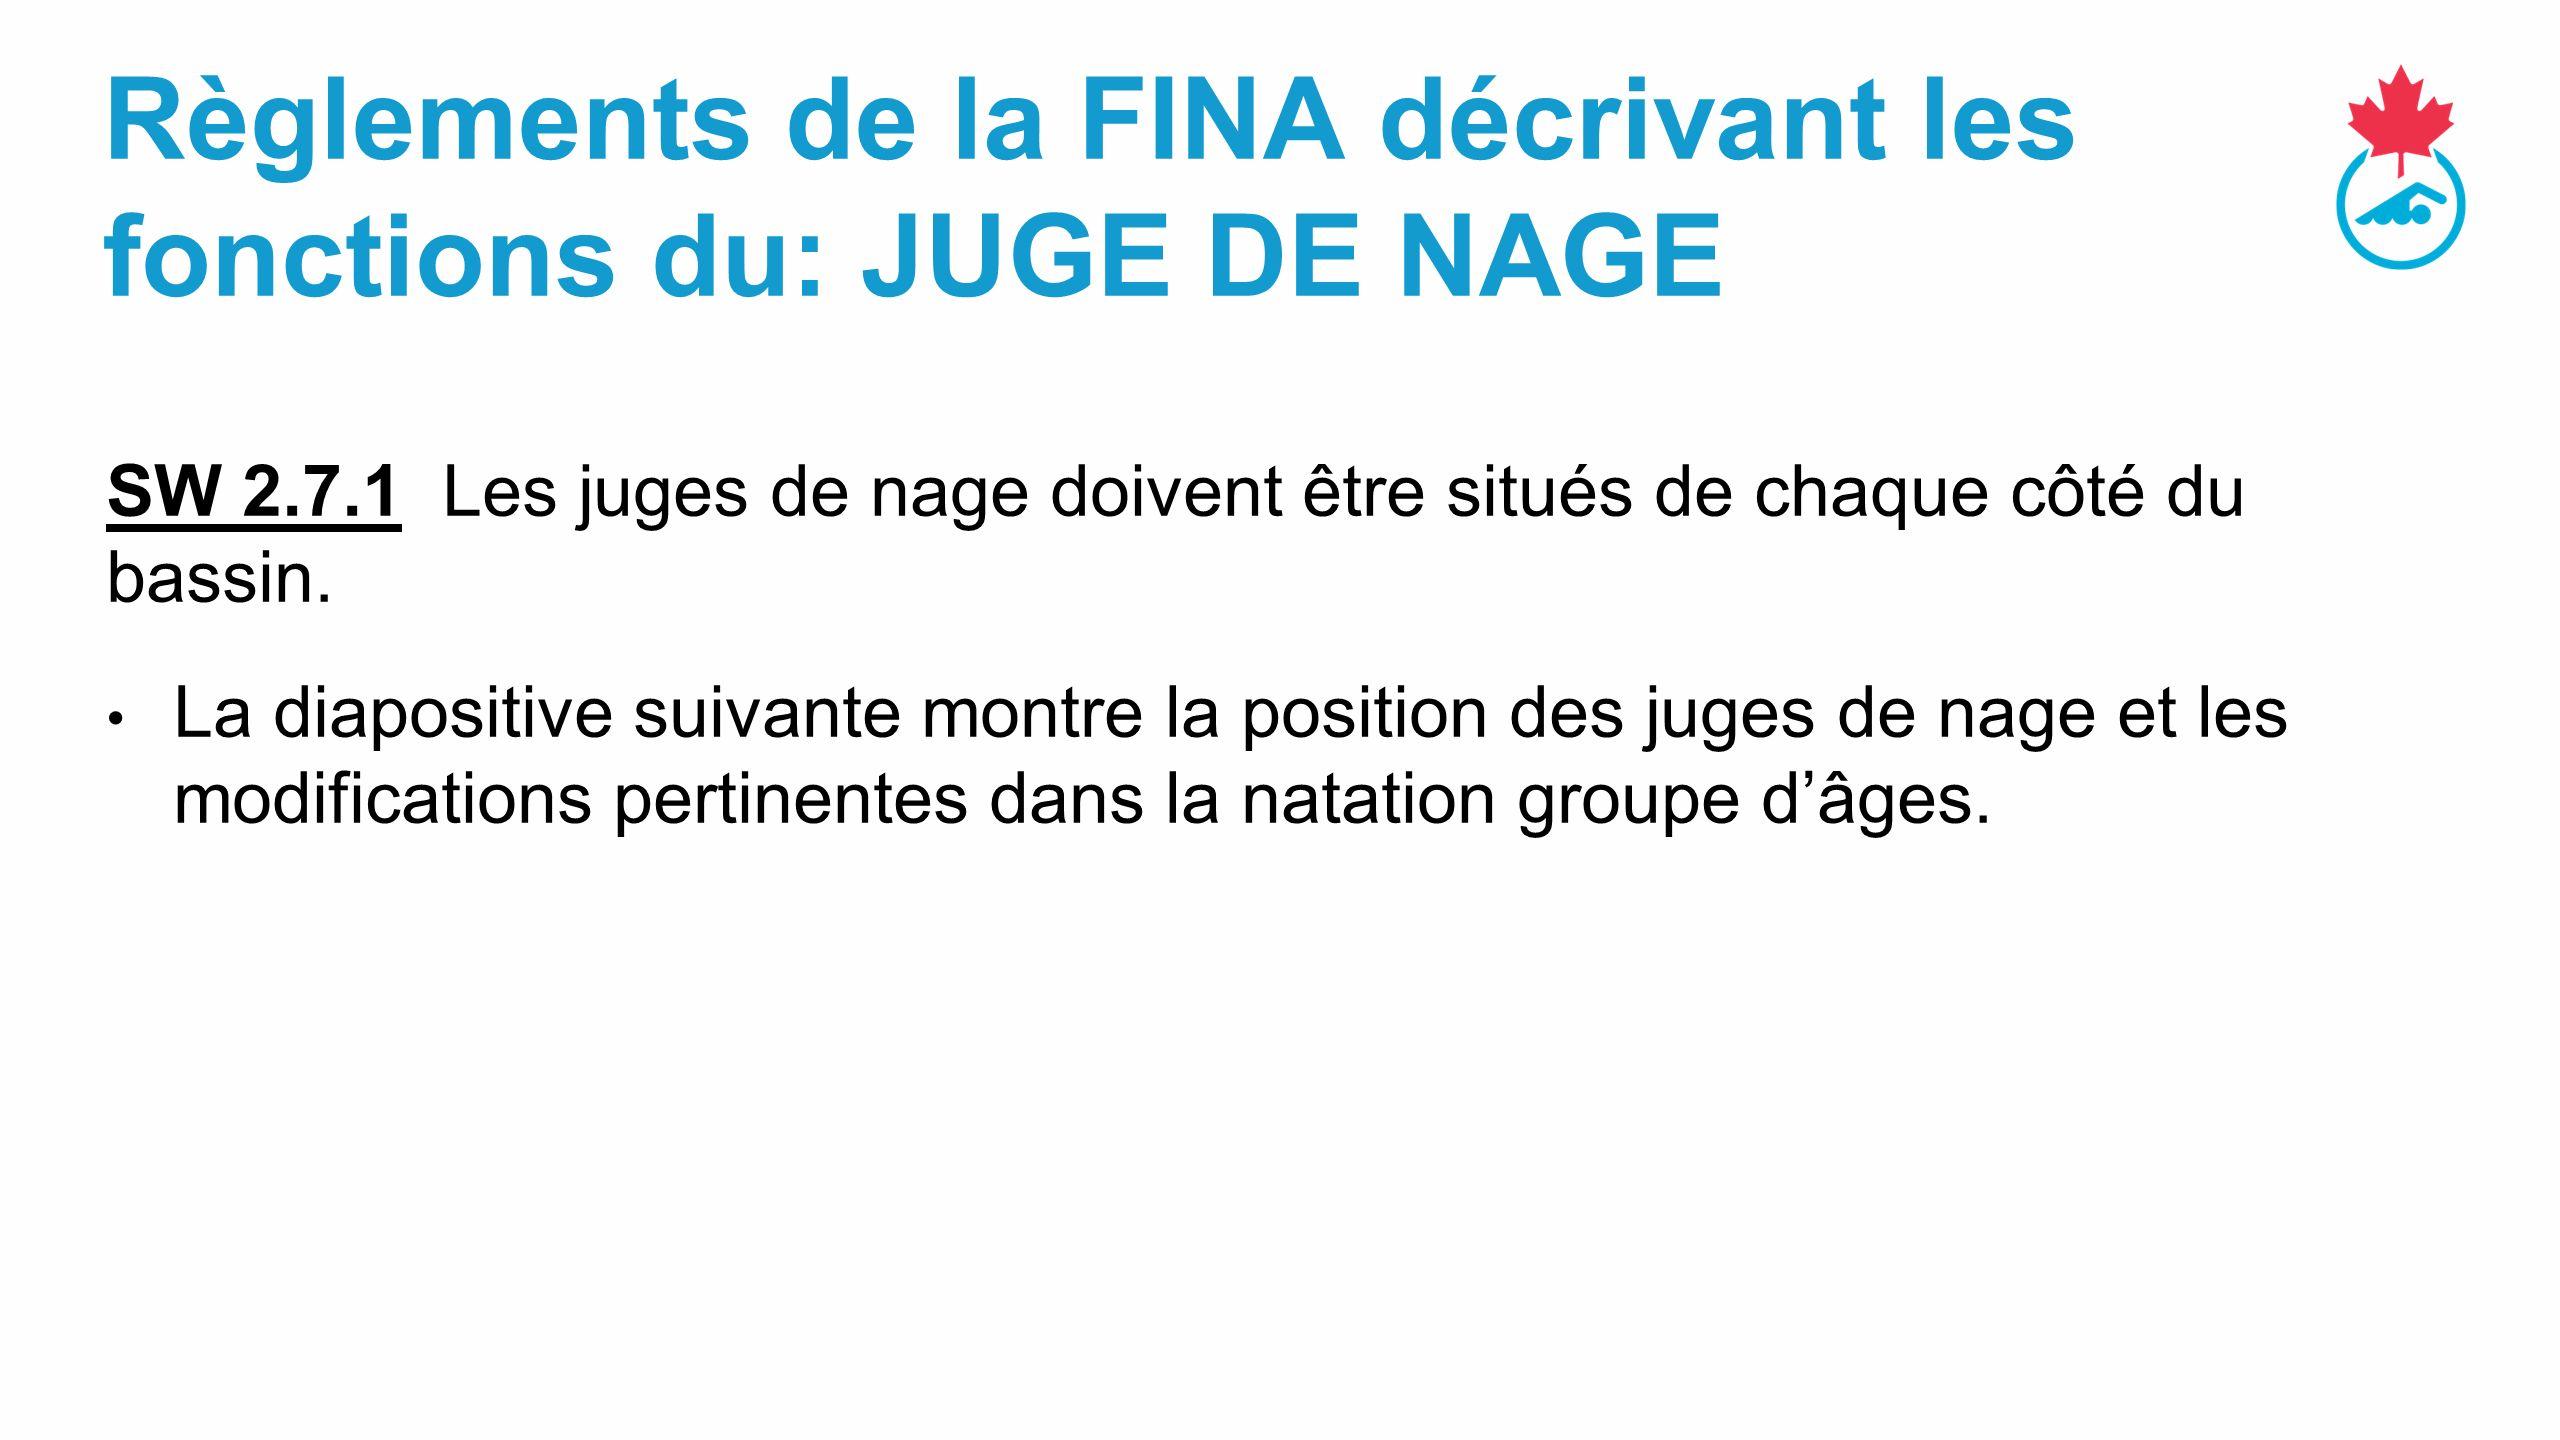 Règlements de la FINA décrivant les fonctions du: JUGE DE NAGE SW 2.7.1 Les juges de nage doivent être situés de chaque côté du bassin.